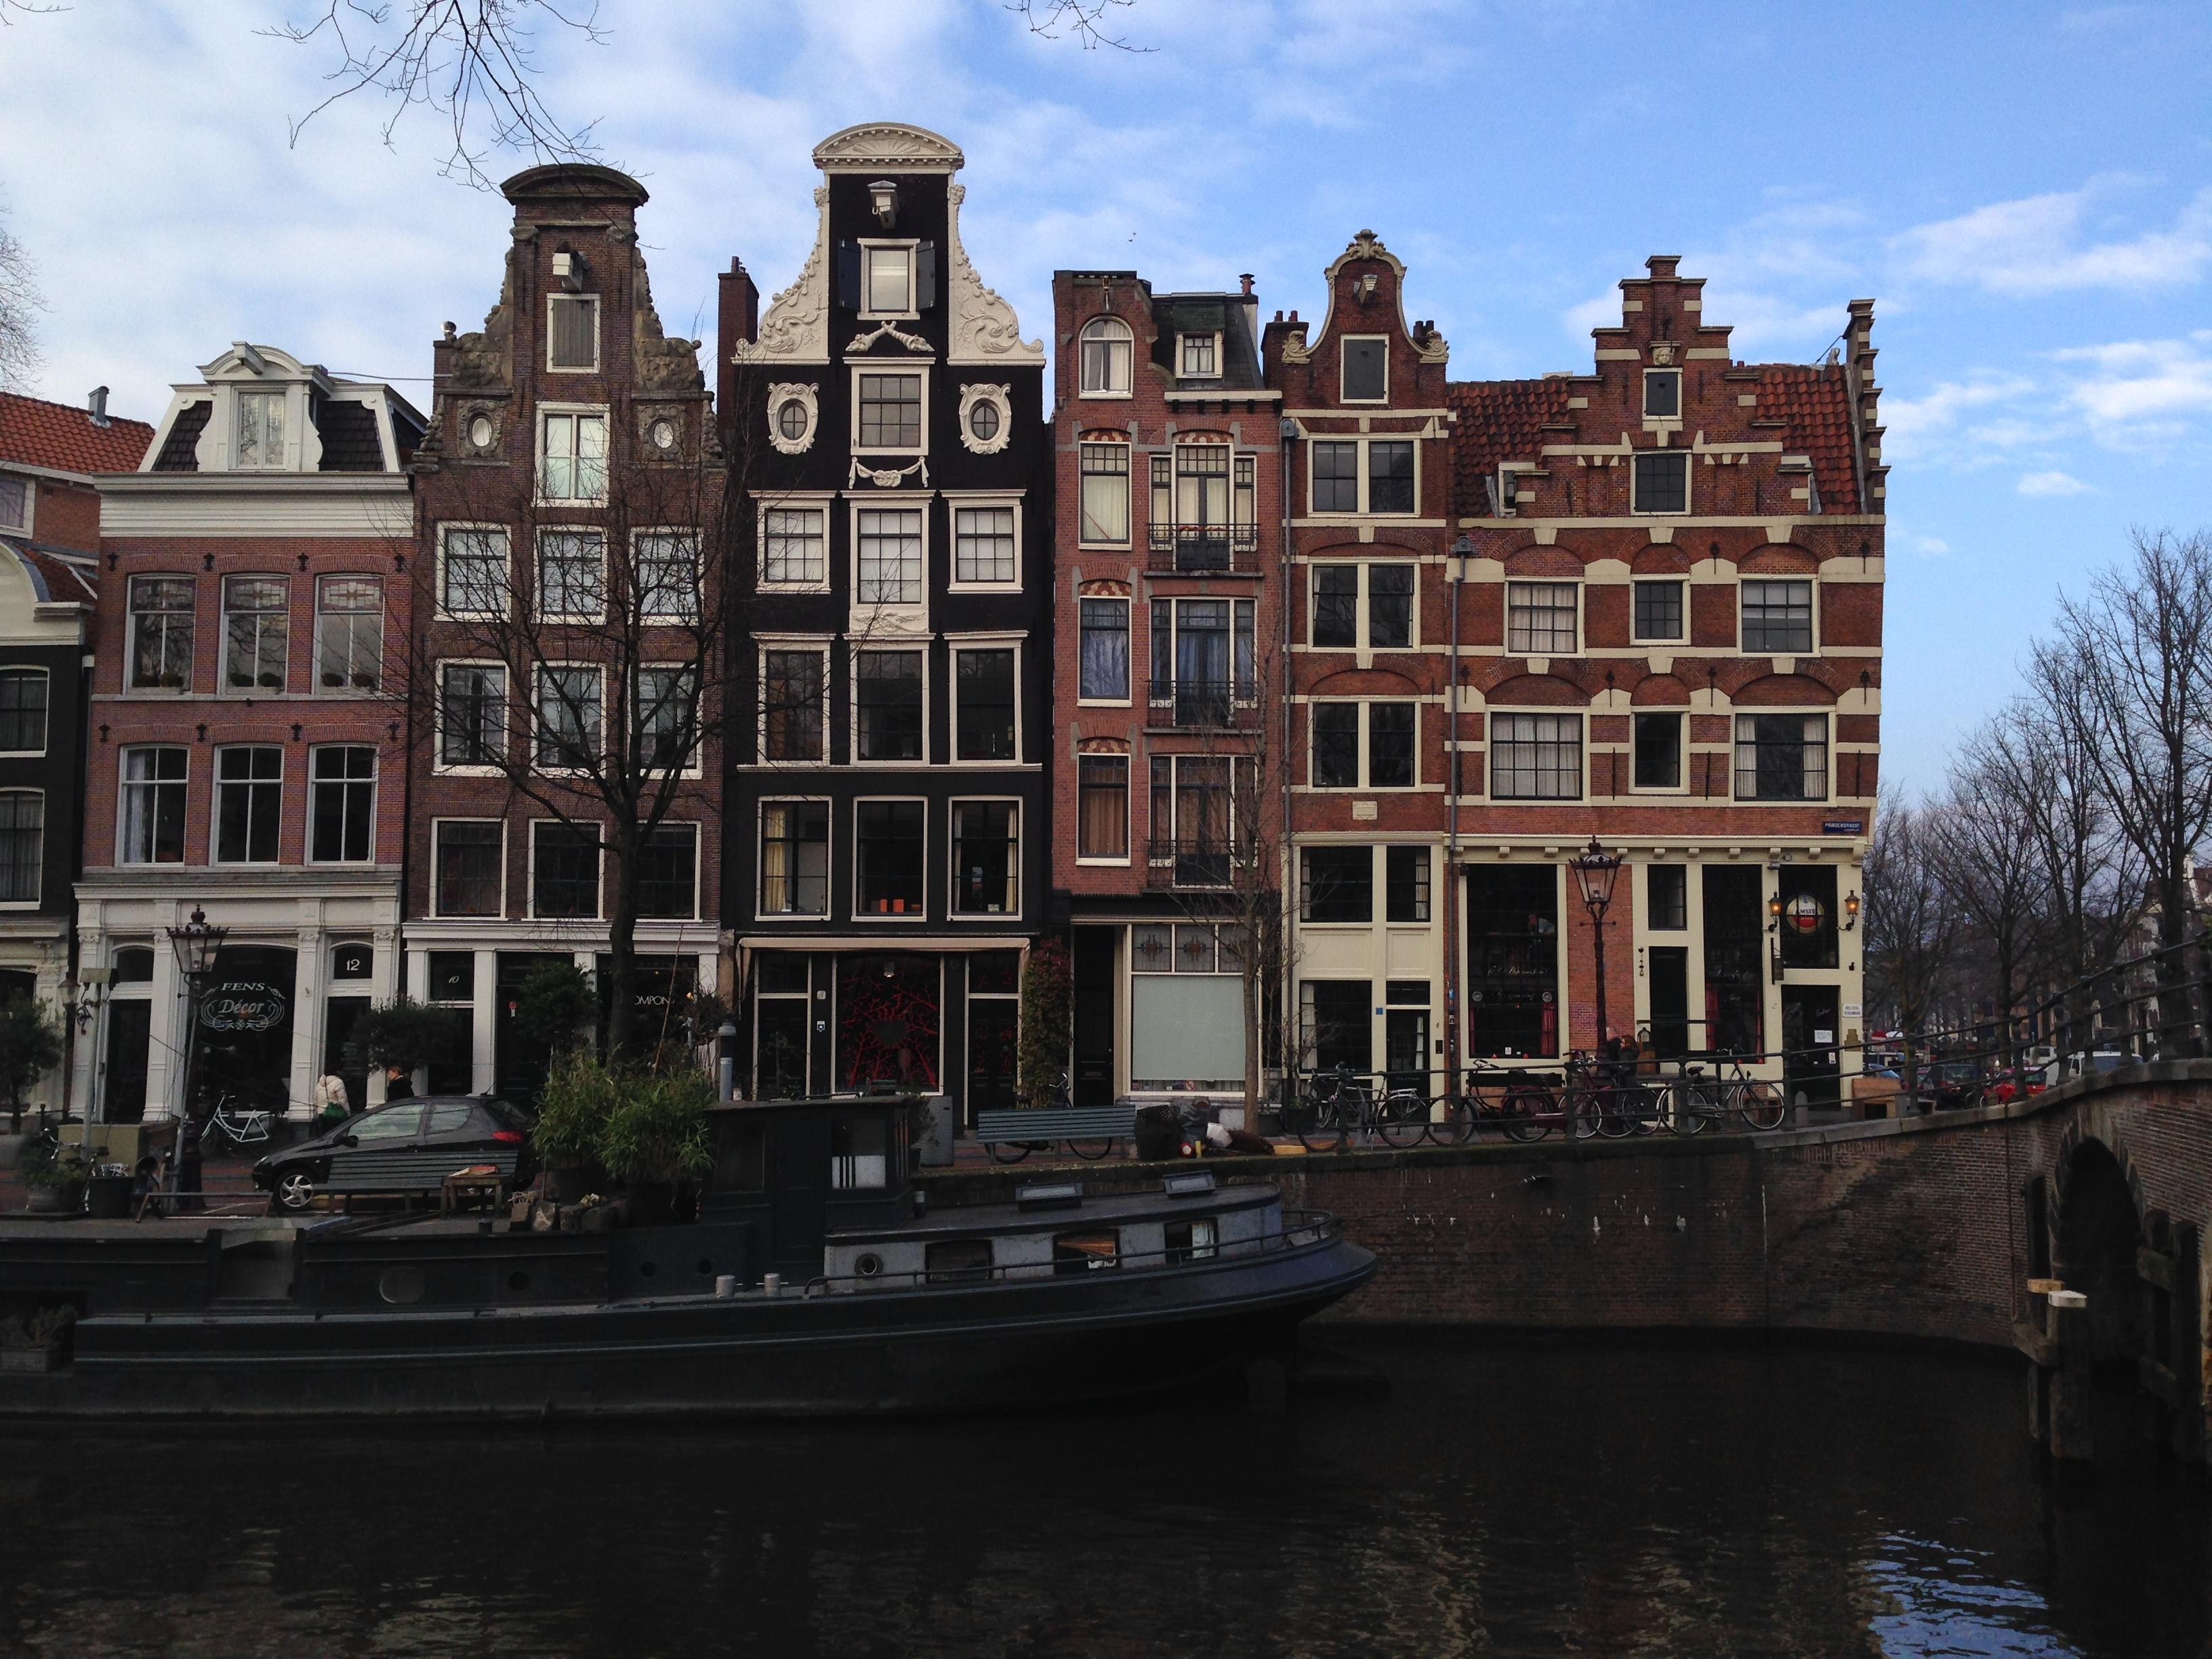 design guide to Amsterdam